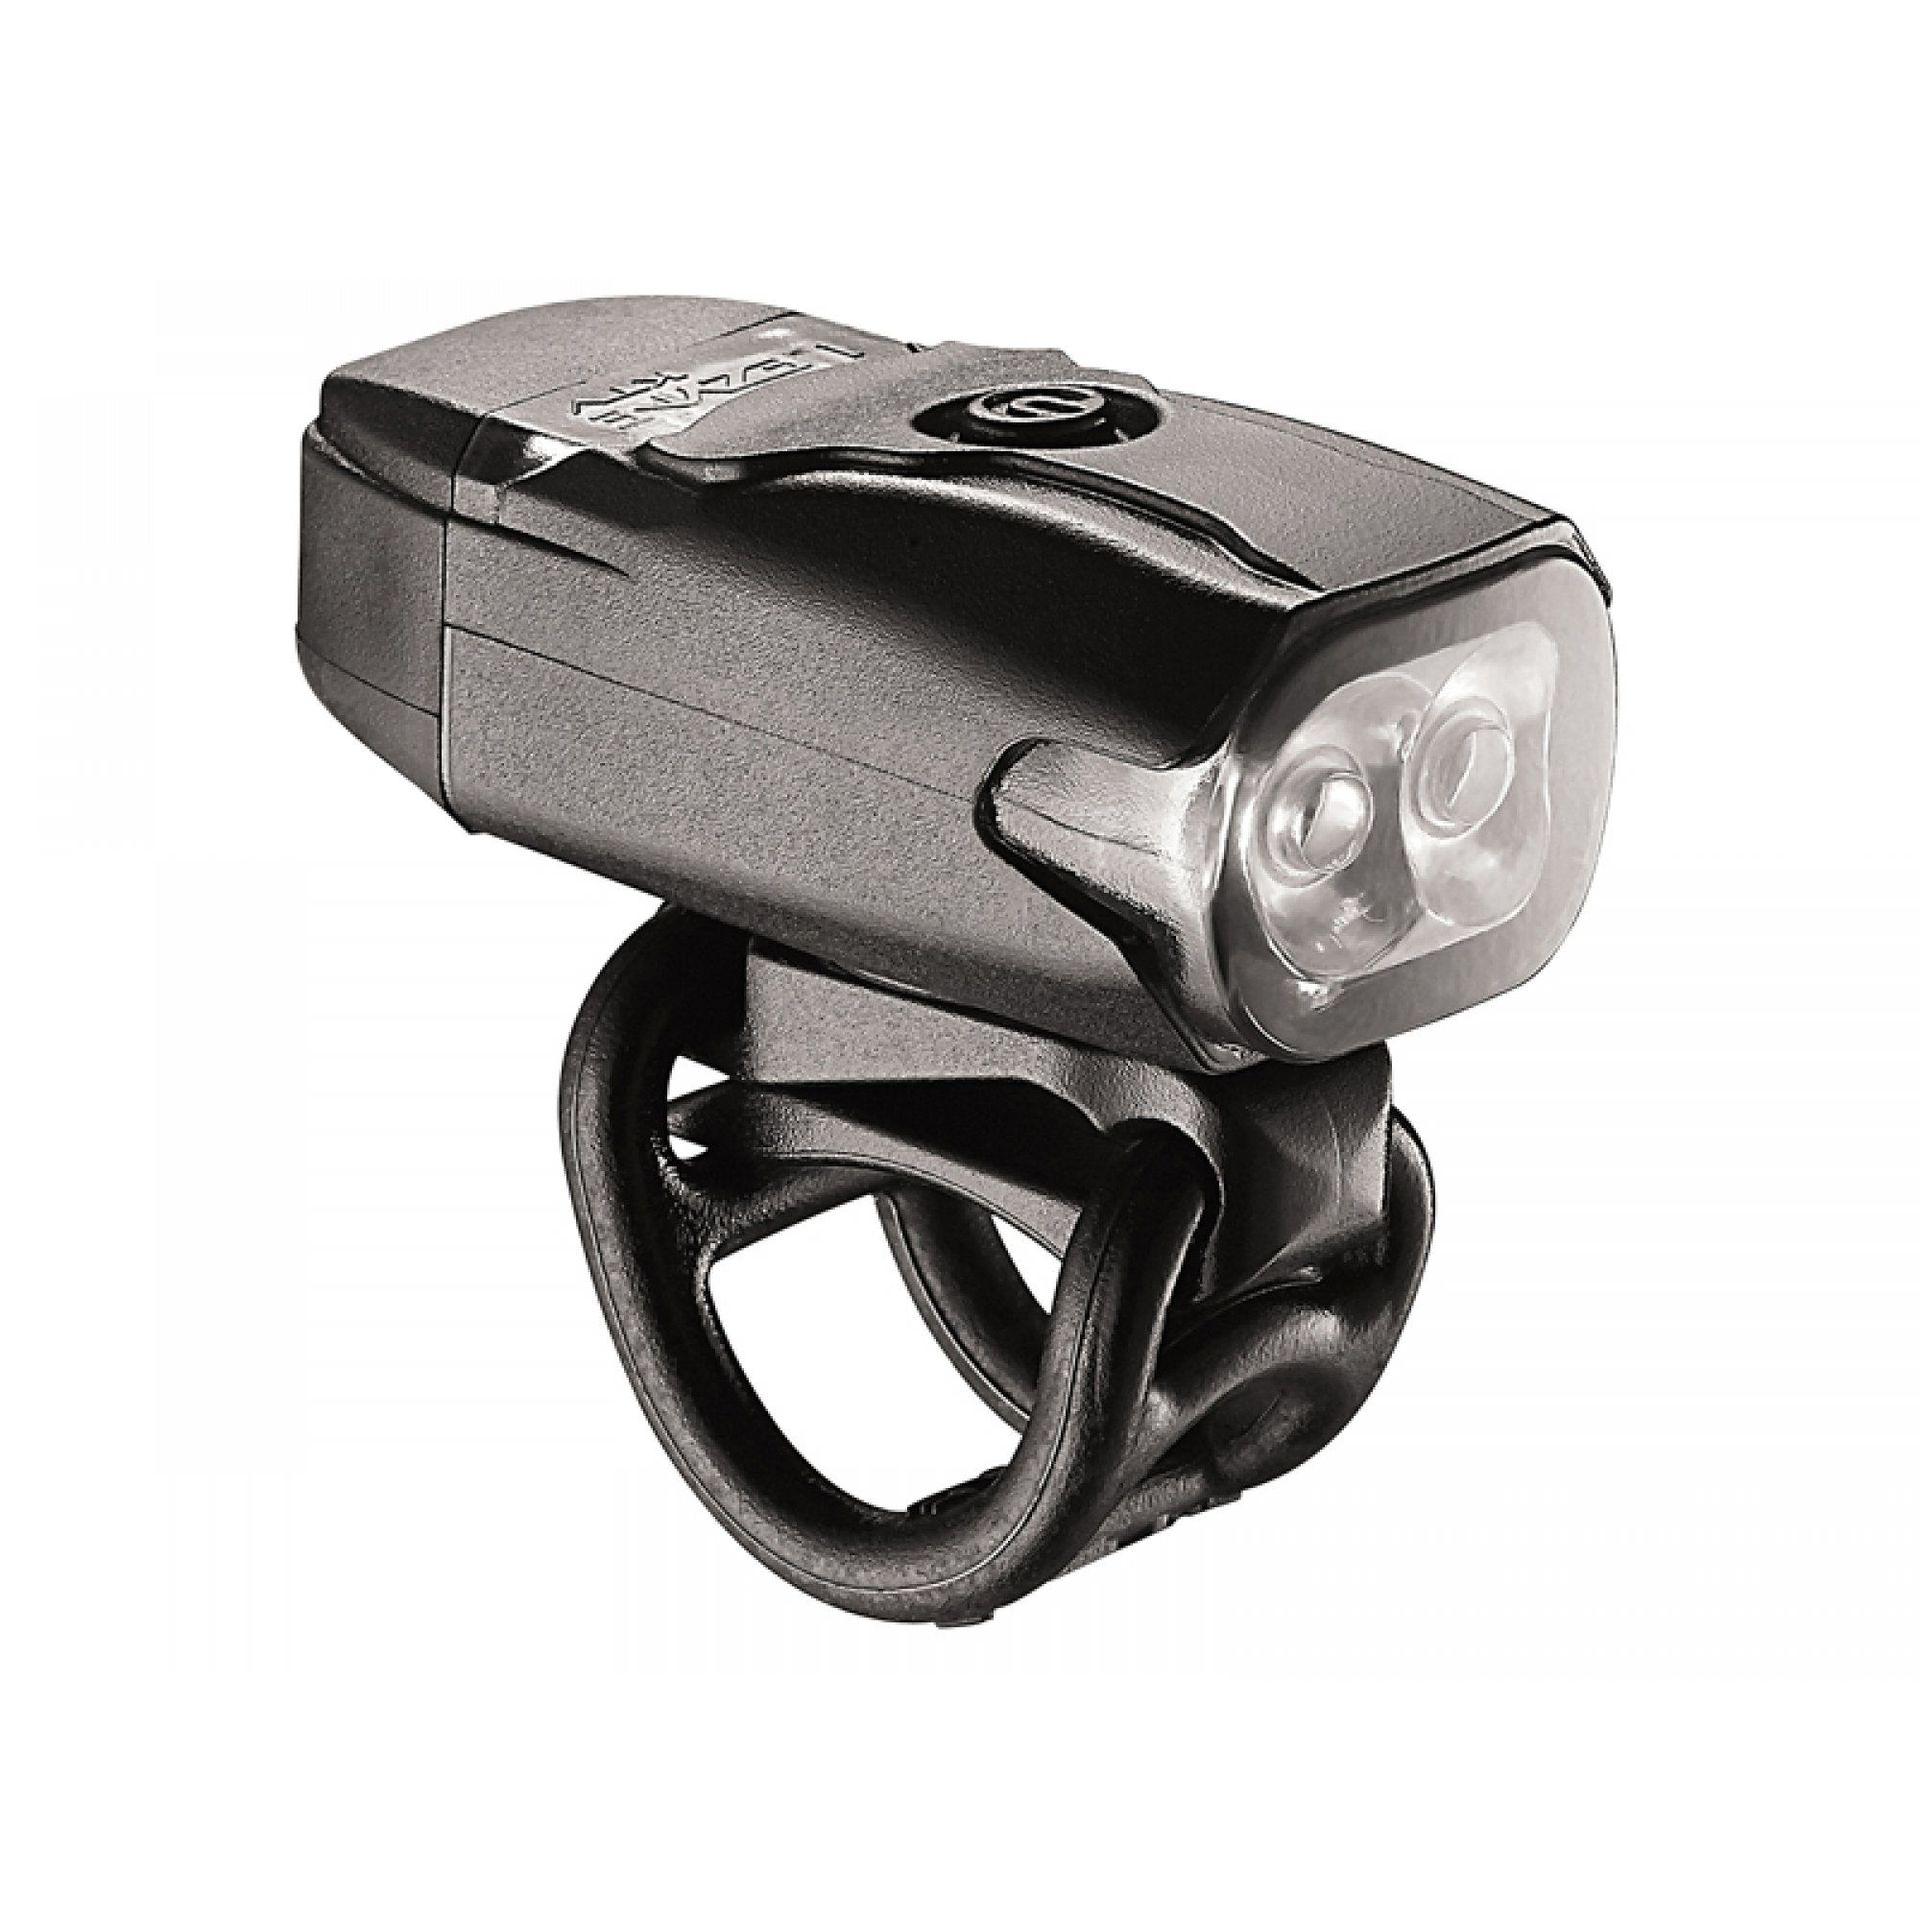 LAMPKA ROWEROWA PRZEDNIA LEZYNE LED KTV DRIVE 70 1